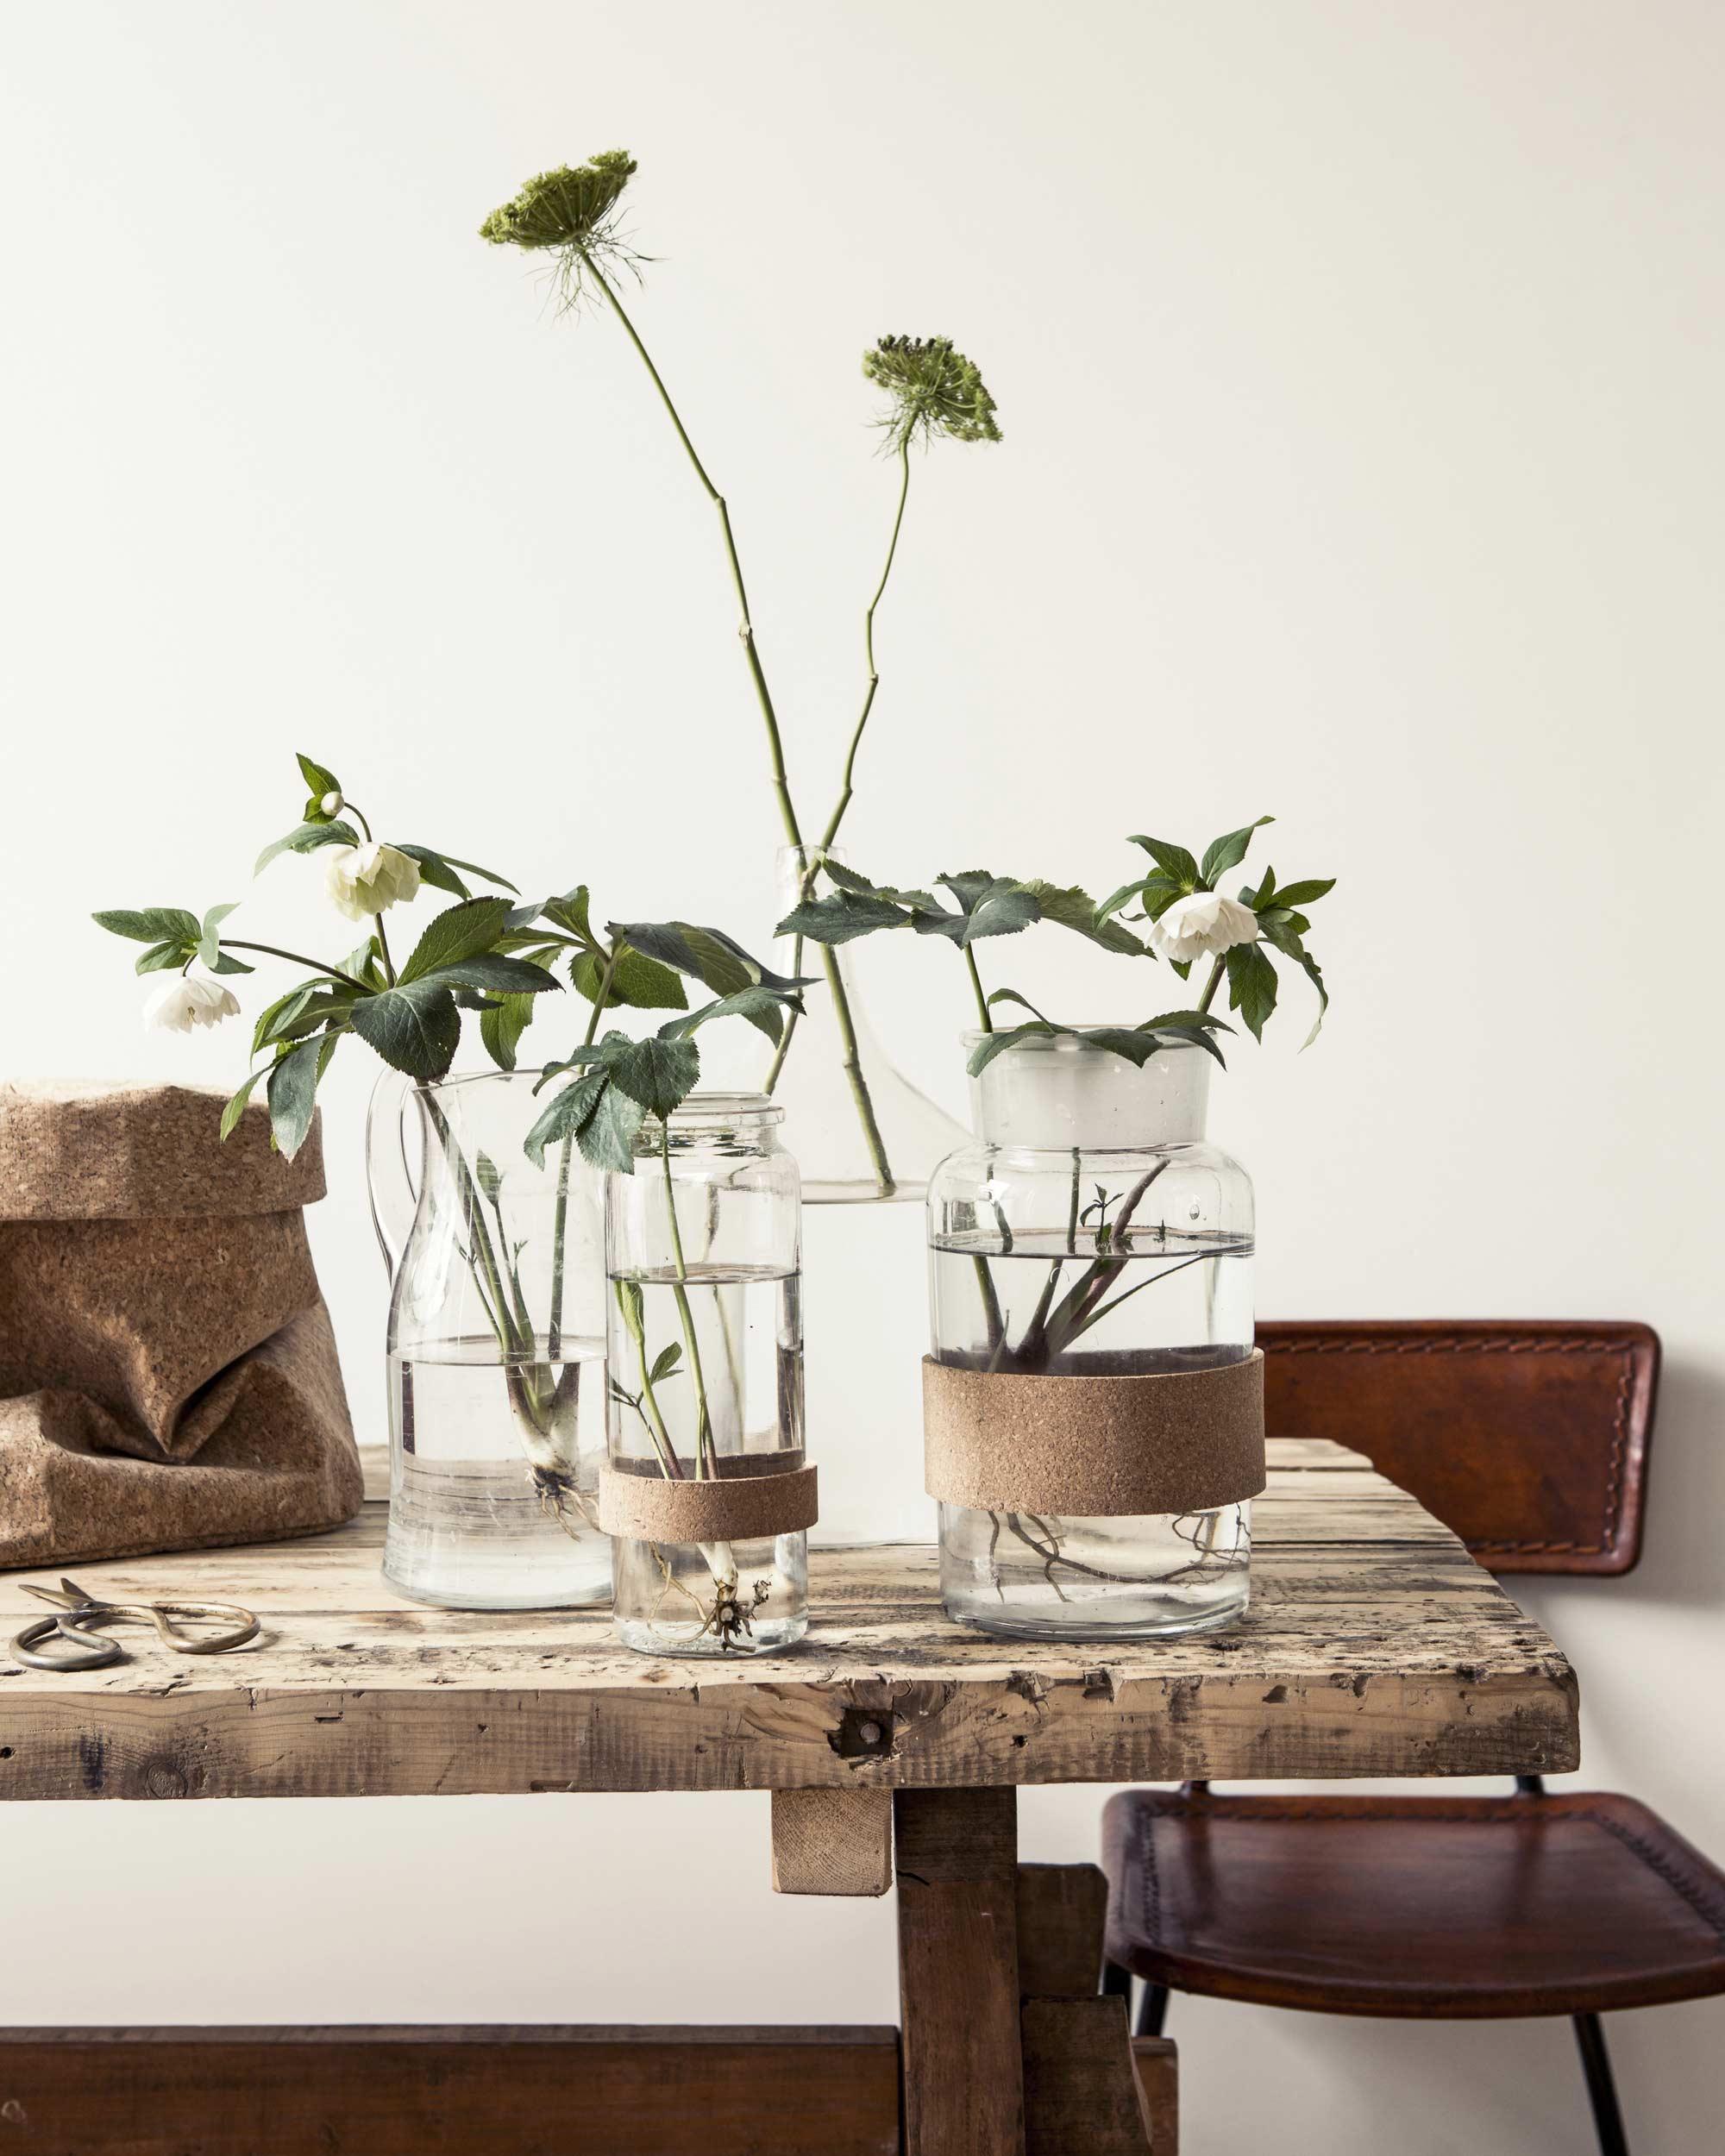 Tafeldecoratie DIY, maak zelf deze vazen met kurken accent